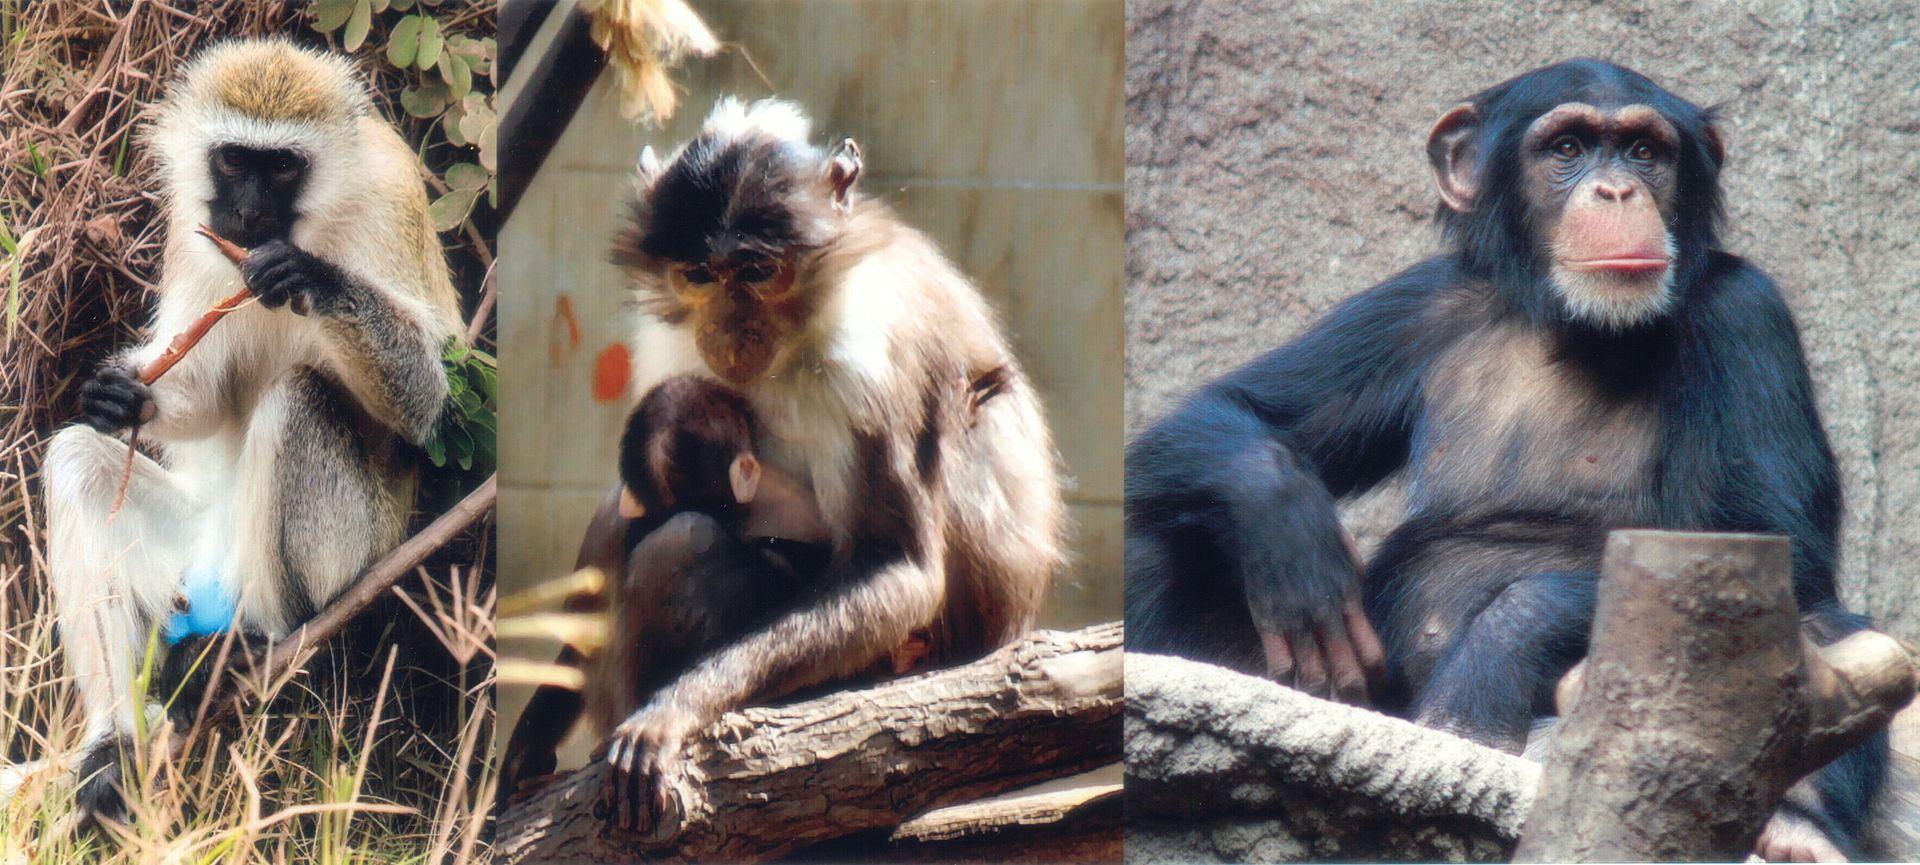 1920px-SIV_primates.jpg